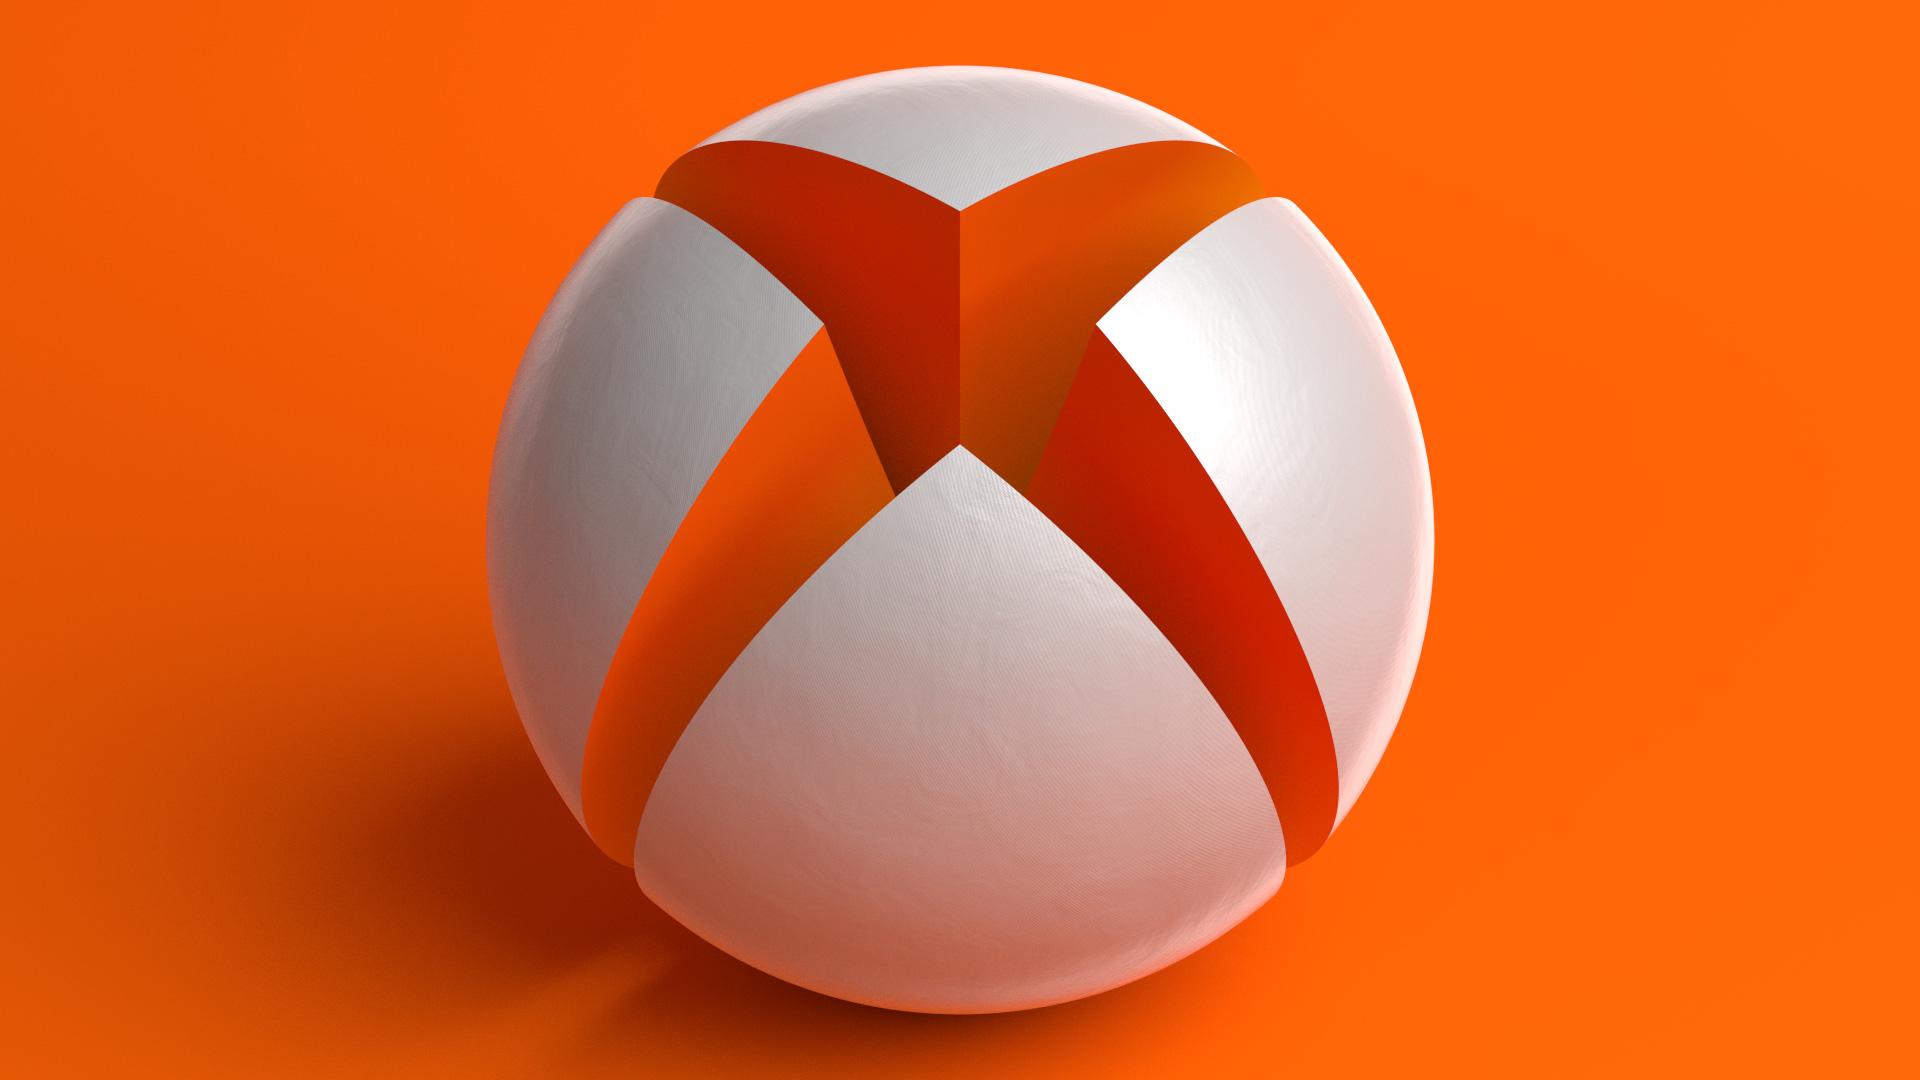 X1bg-giant-xbox-sphere-orange